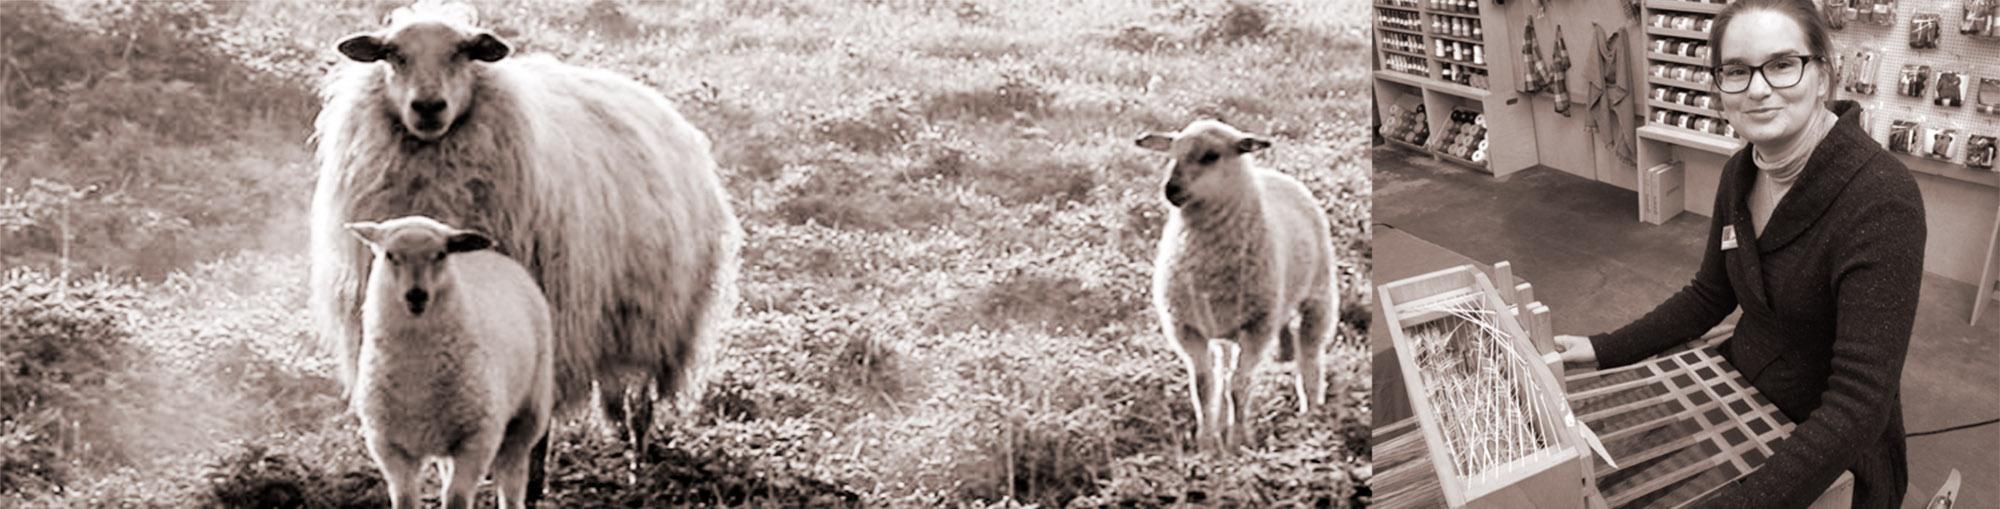 schapen haasdal schimmert poortenfeest